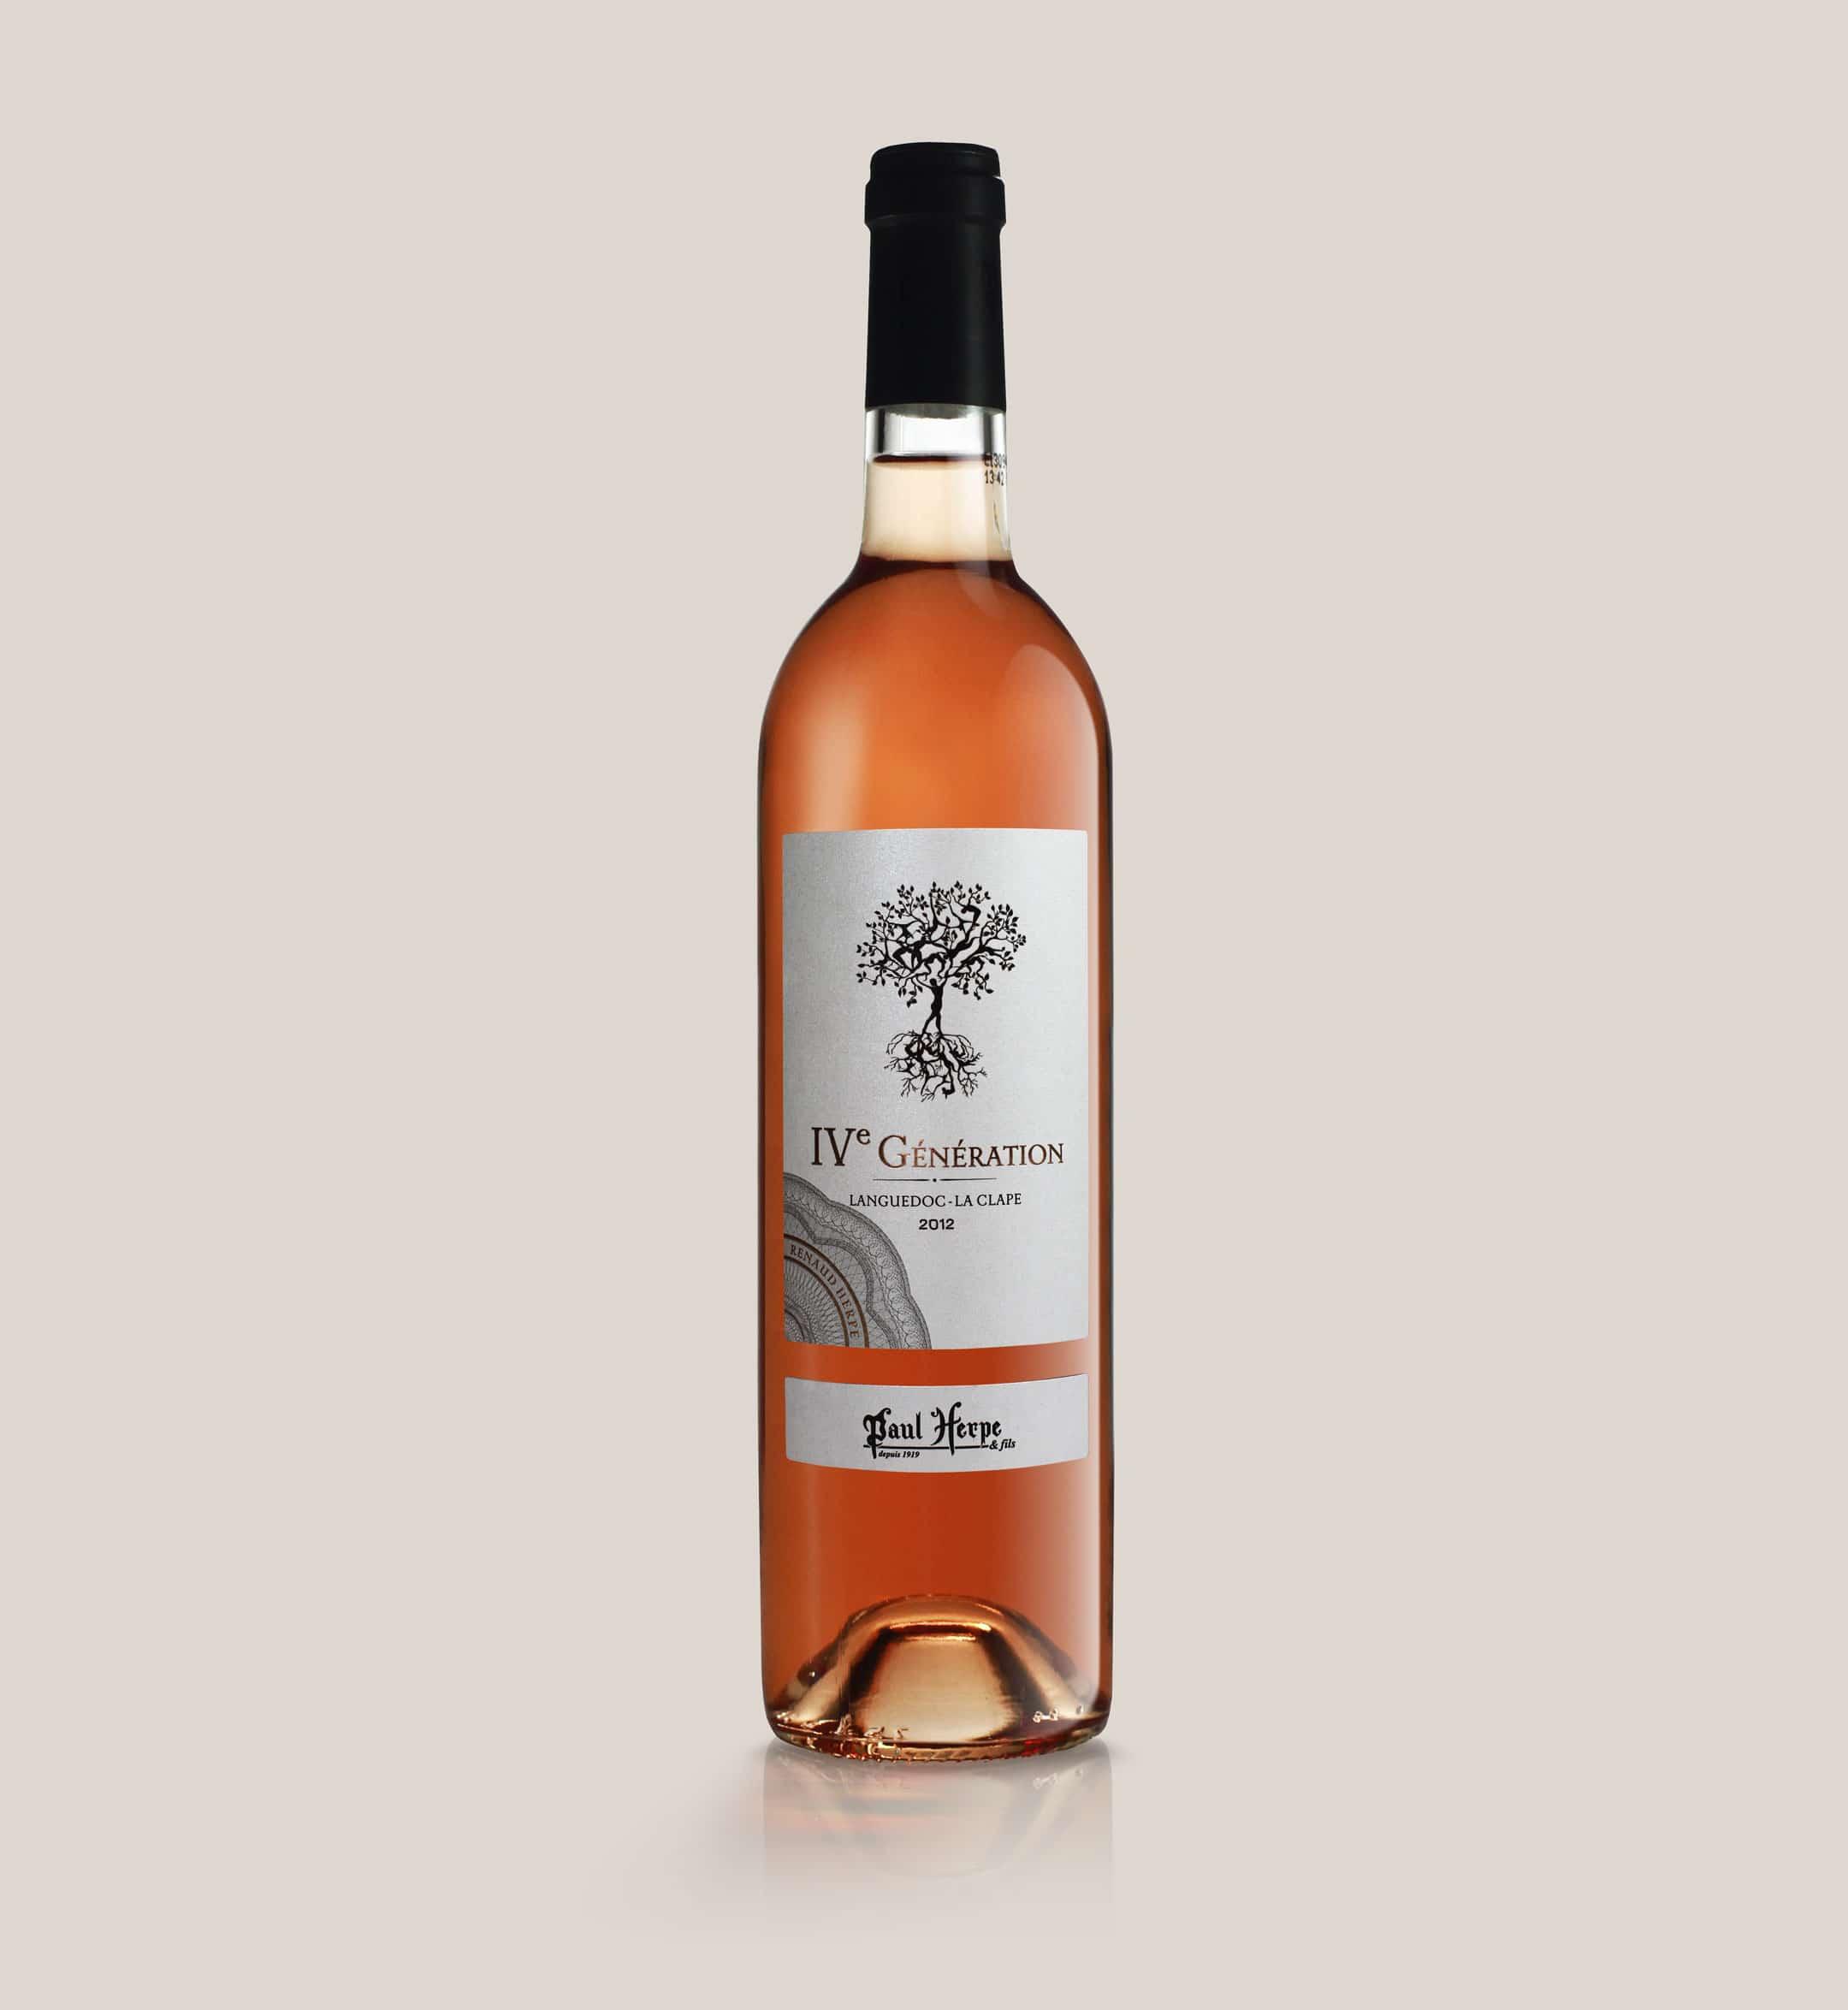 Cuvée IV generation paul herpe aoc clape bouteille vin rose collection premium